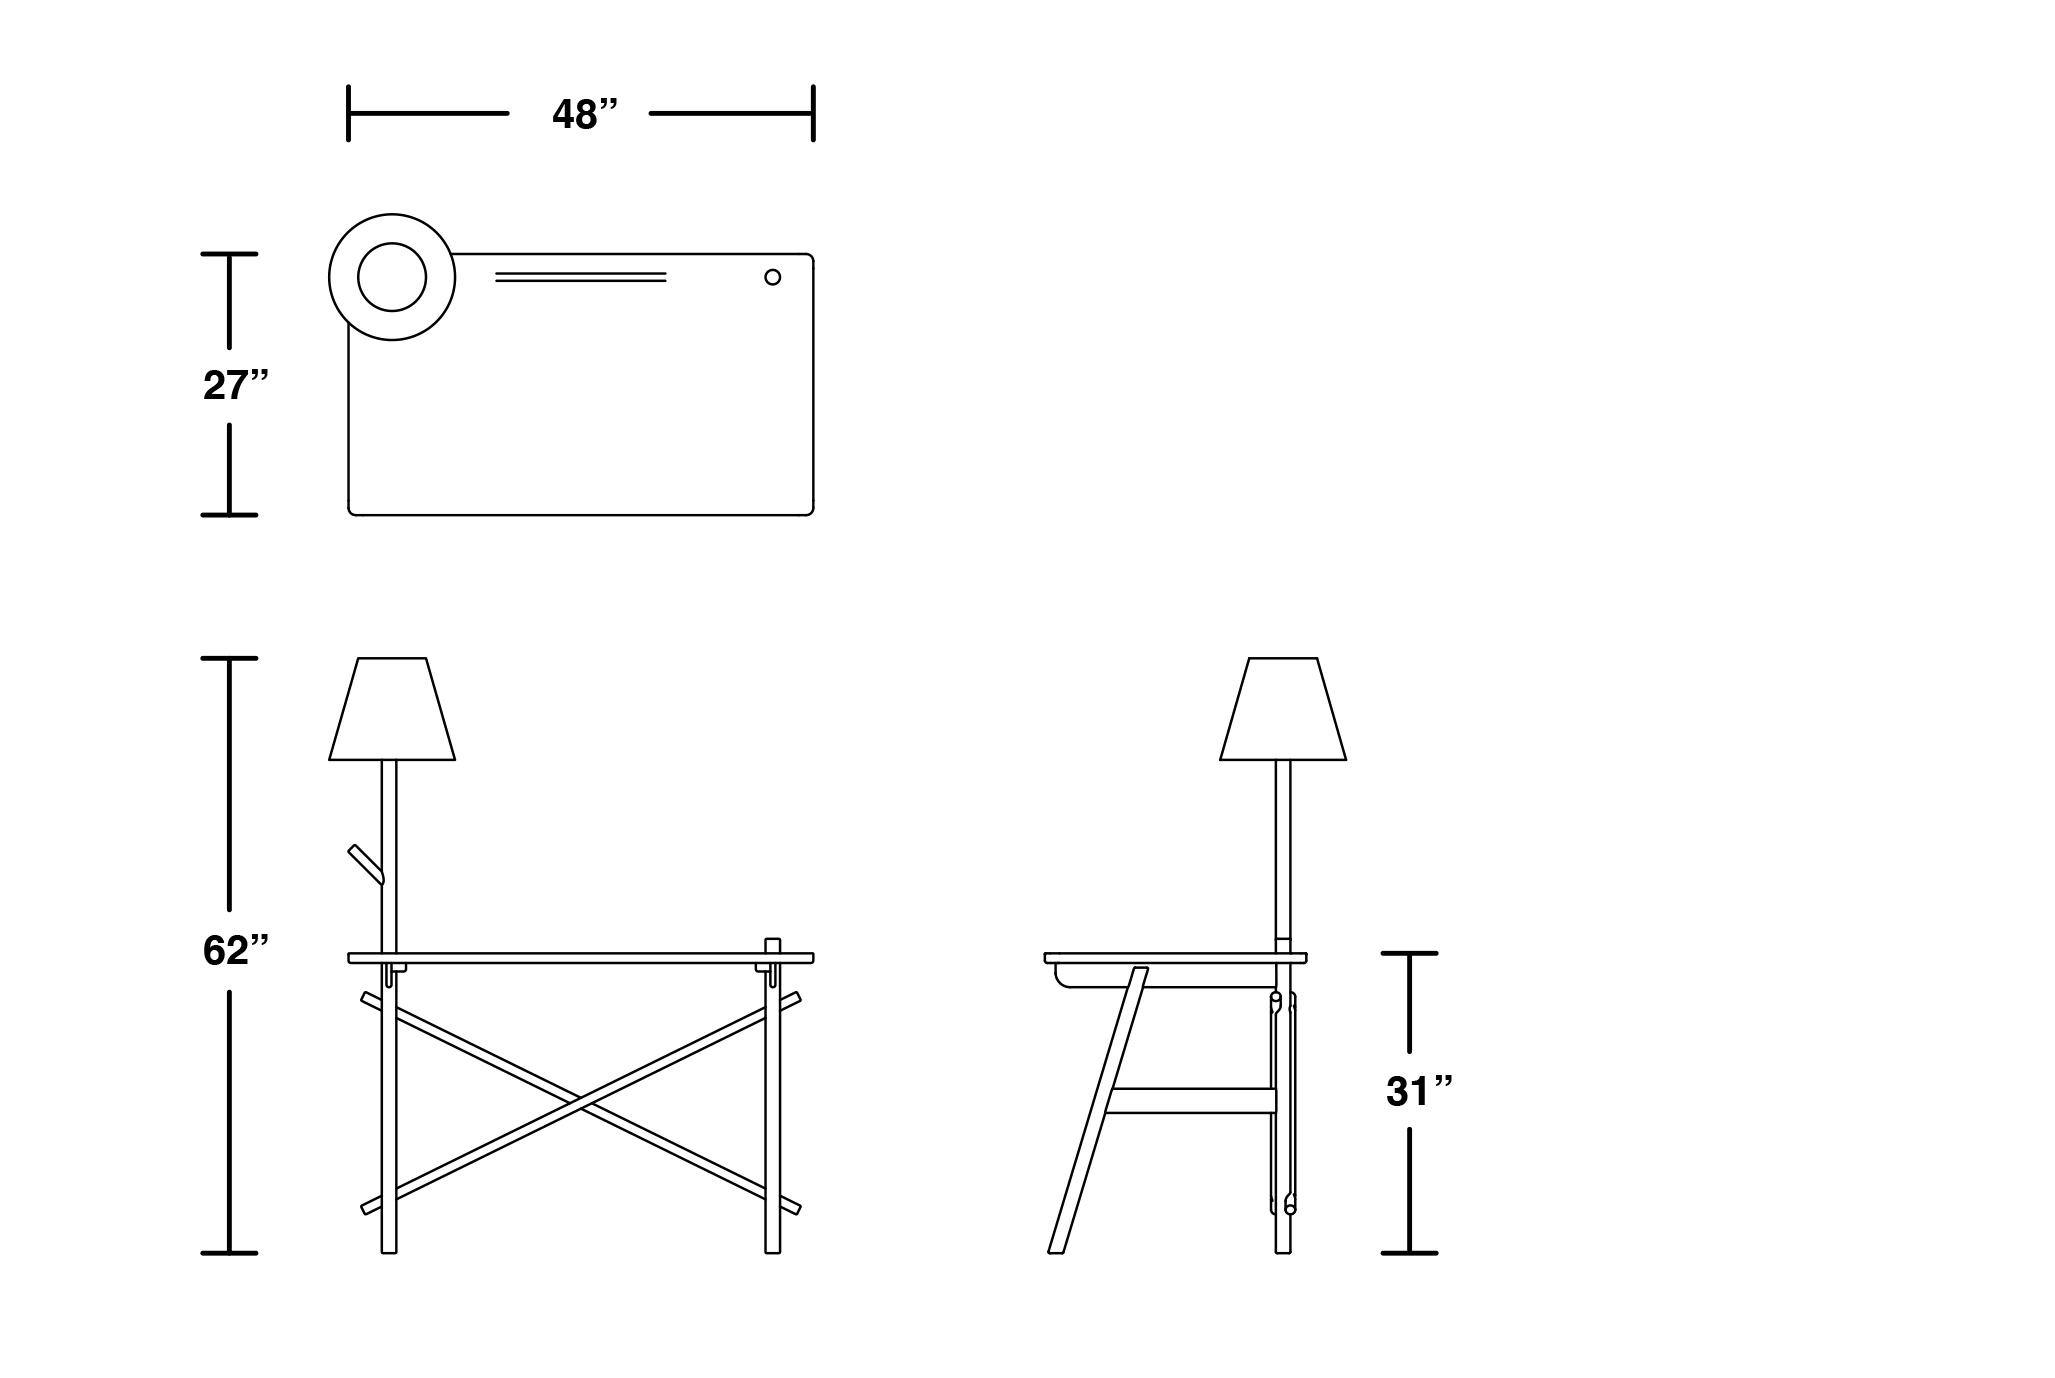 desk_lamp_ortho.jpg